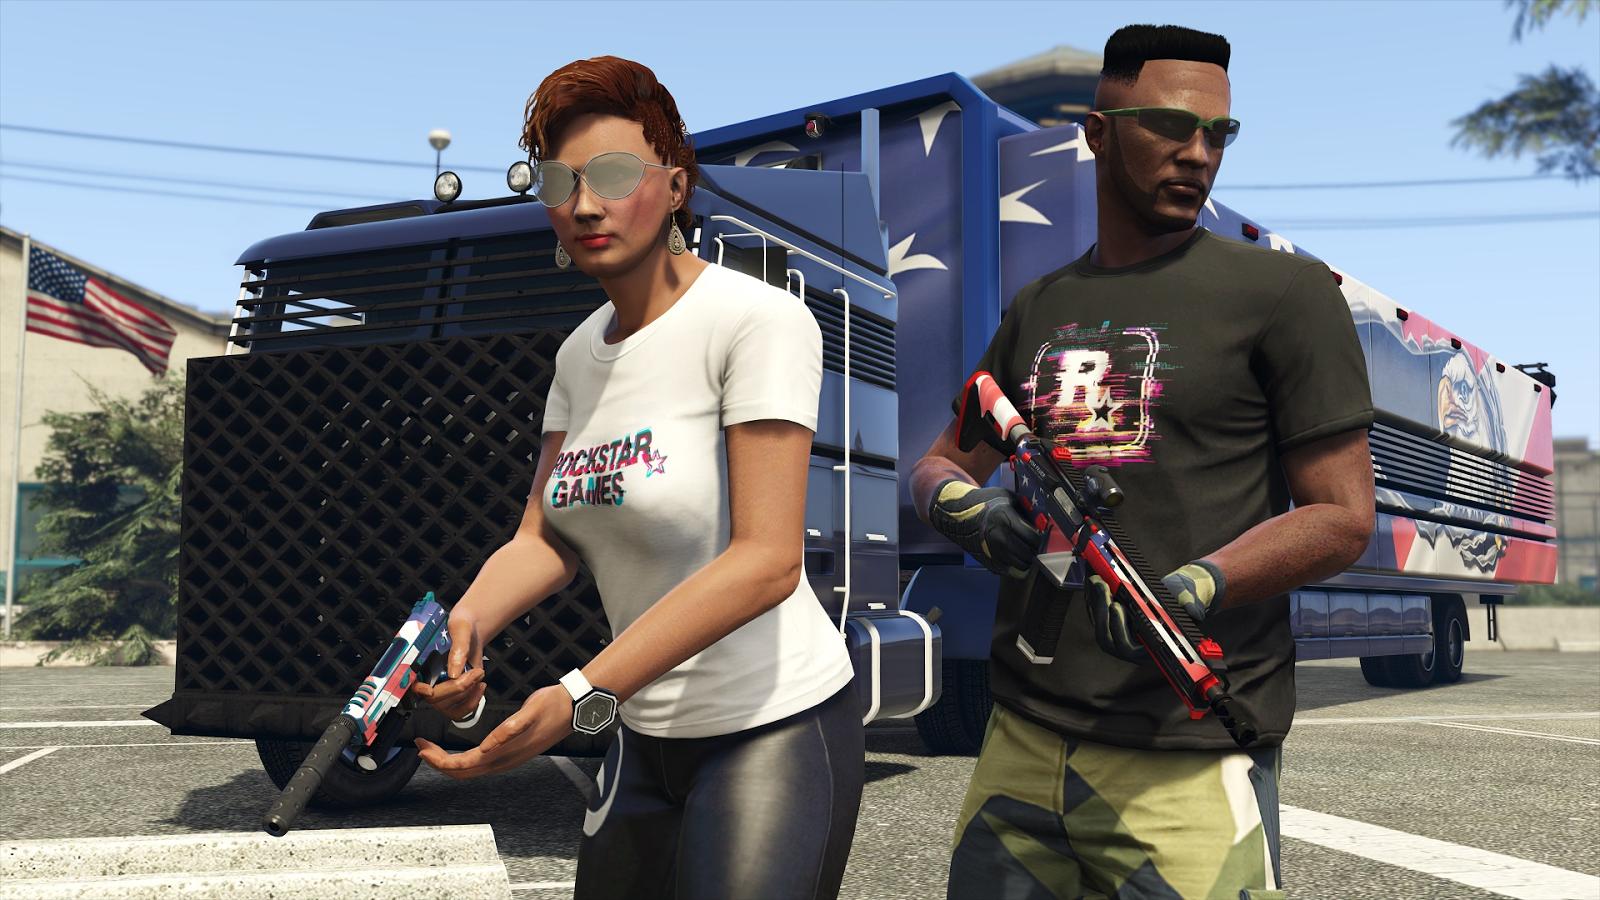 GTA Online's NewBATTLEGROUNDS-Style Mode Is A Lot Of Fun